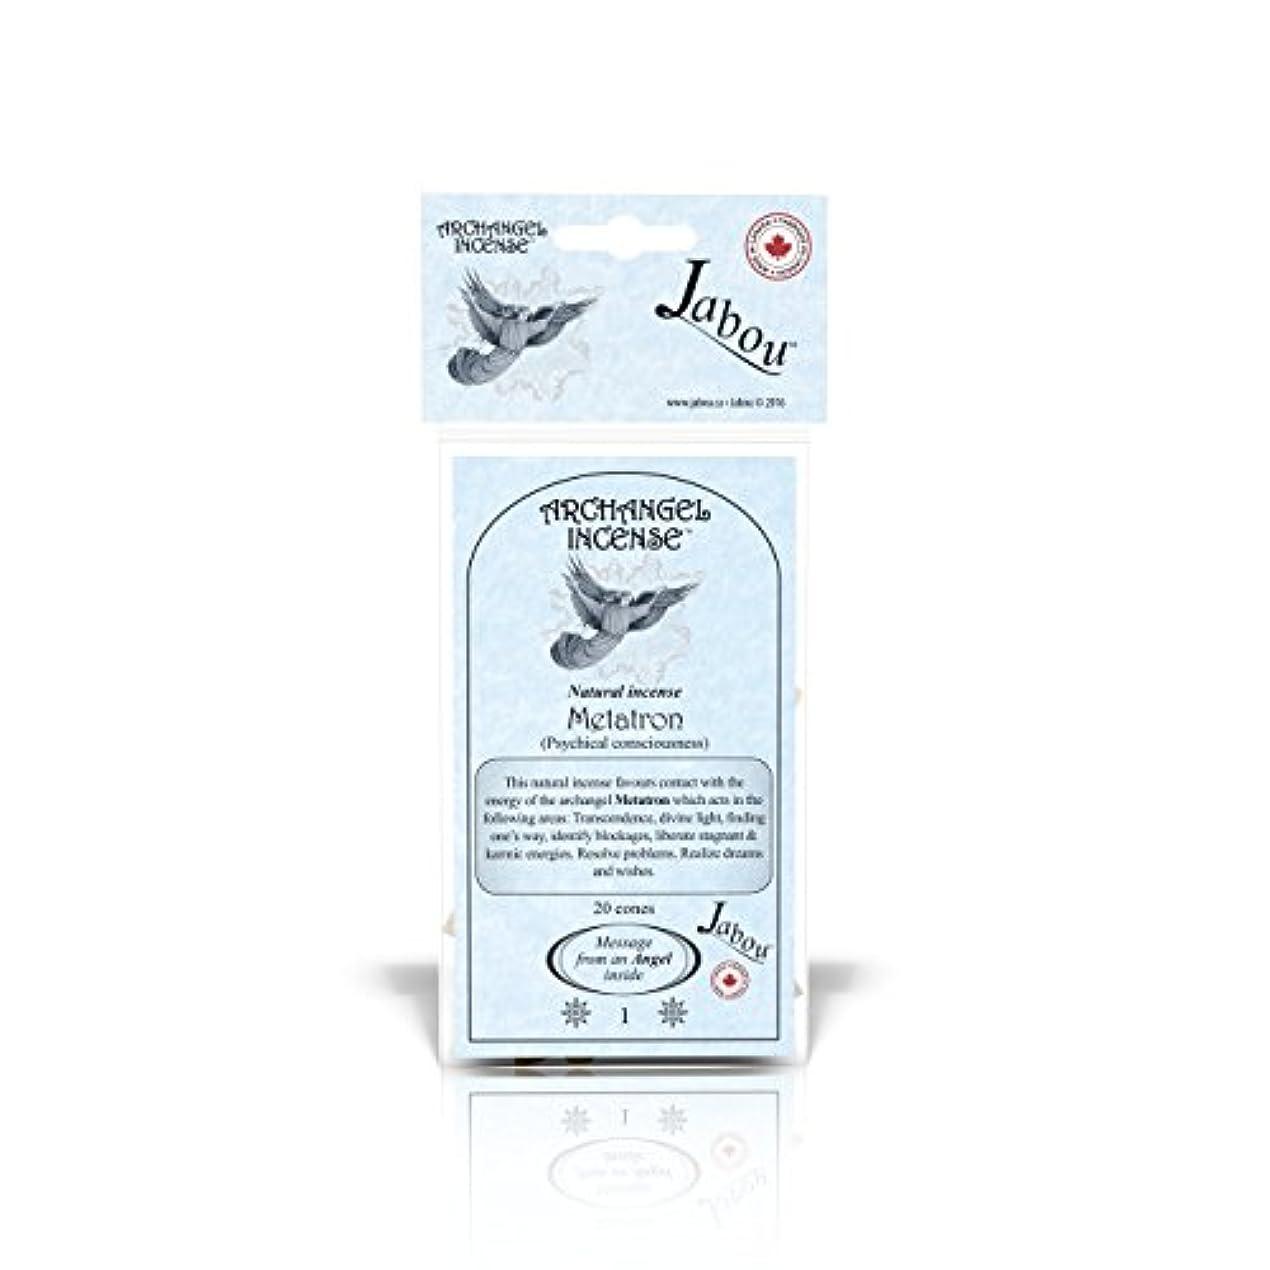 行為肉腫判読できないJabou 大天使 100%天然お香 コーン - 12個の香り - 瞑想 ヨガ リラクゼーション マジック ヒーリング 祈り 儀式 - 20個のコーン - 各30分以上持続